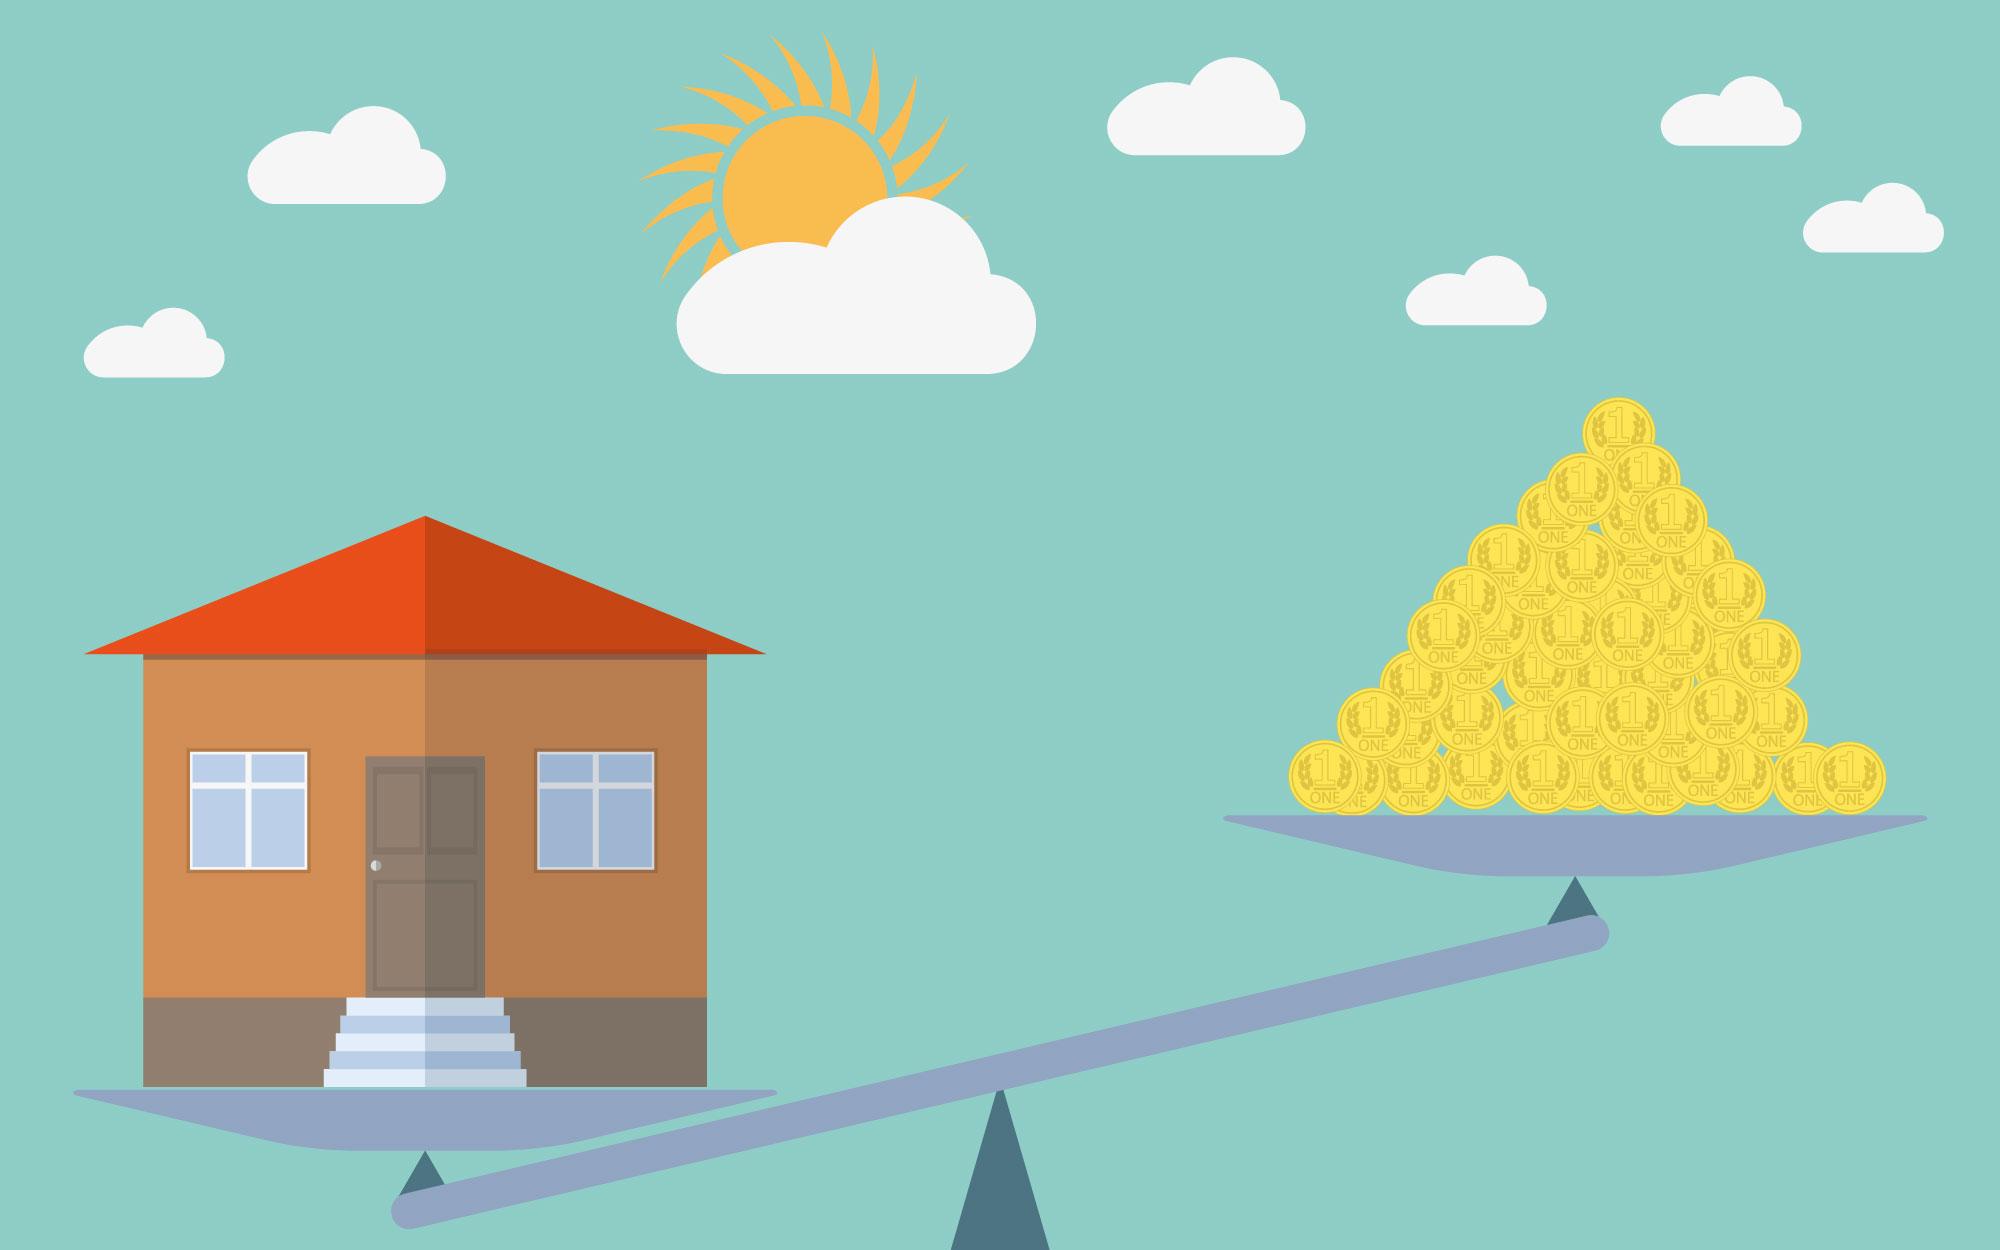 Immobilienmarkt in Österreich: Massive Auswirkungen durch Coronakrise